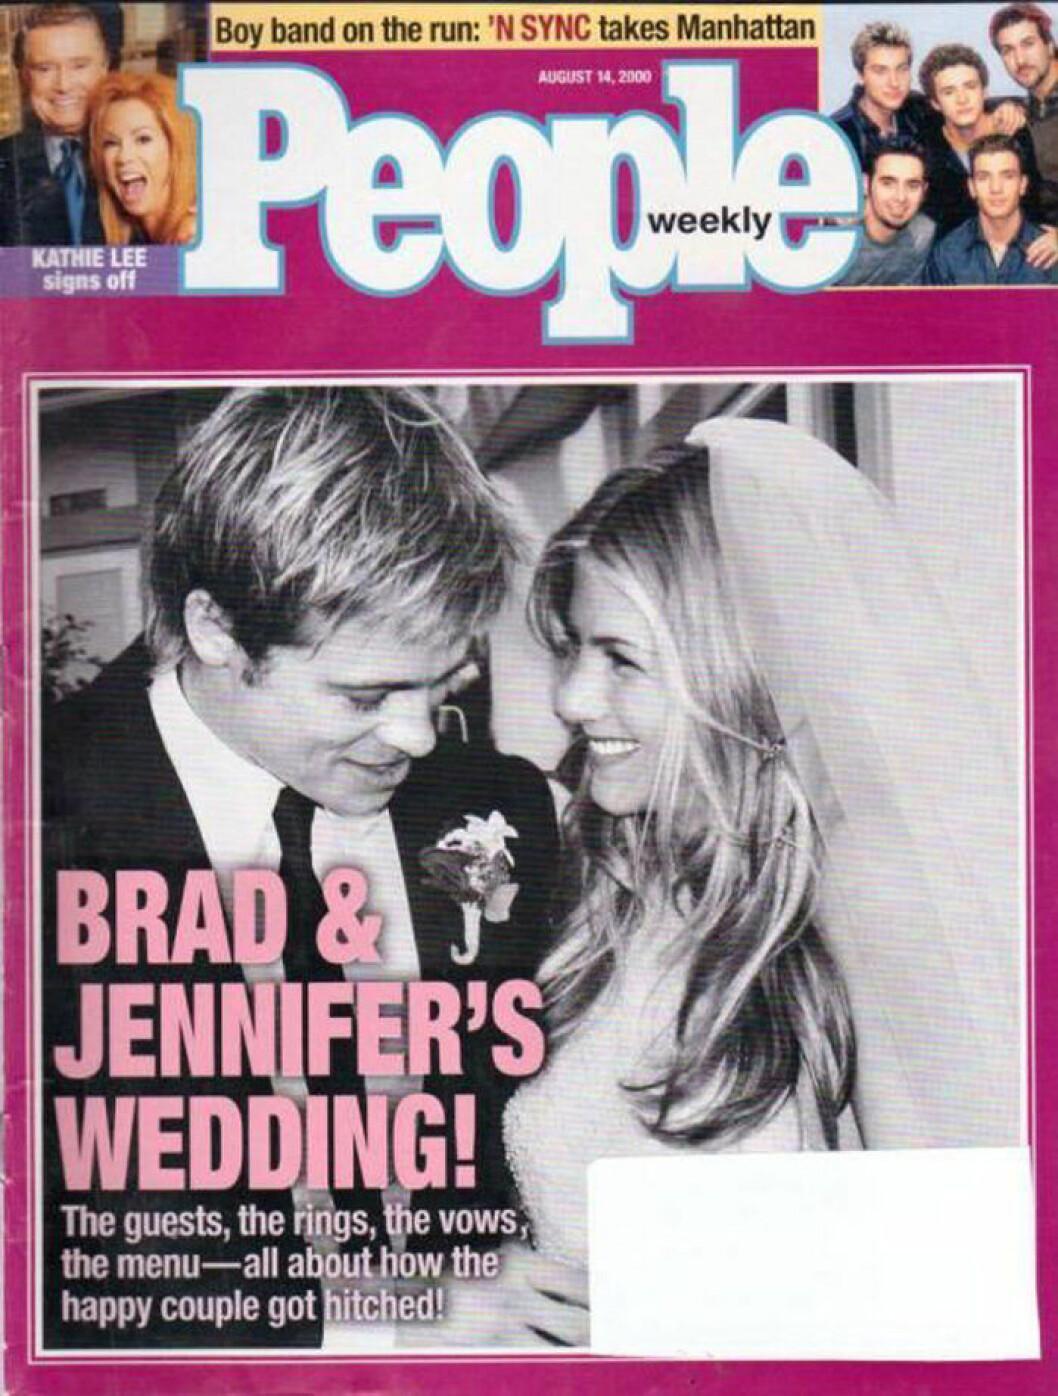 Jennifer och Brad gifter sig